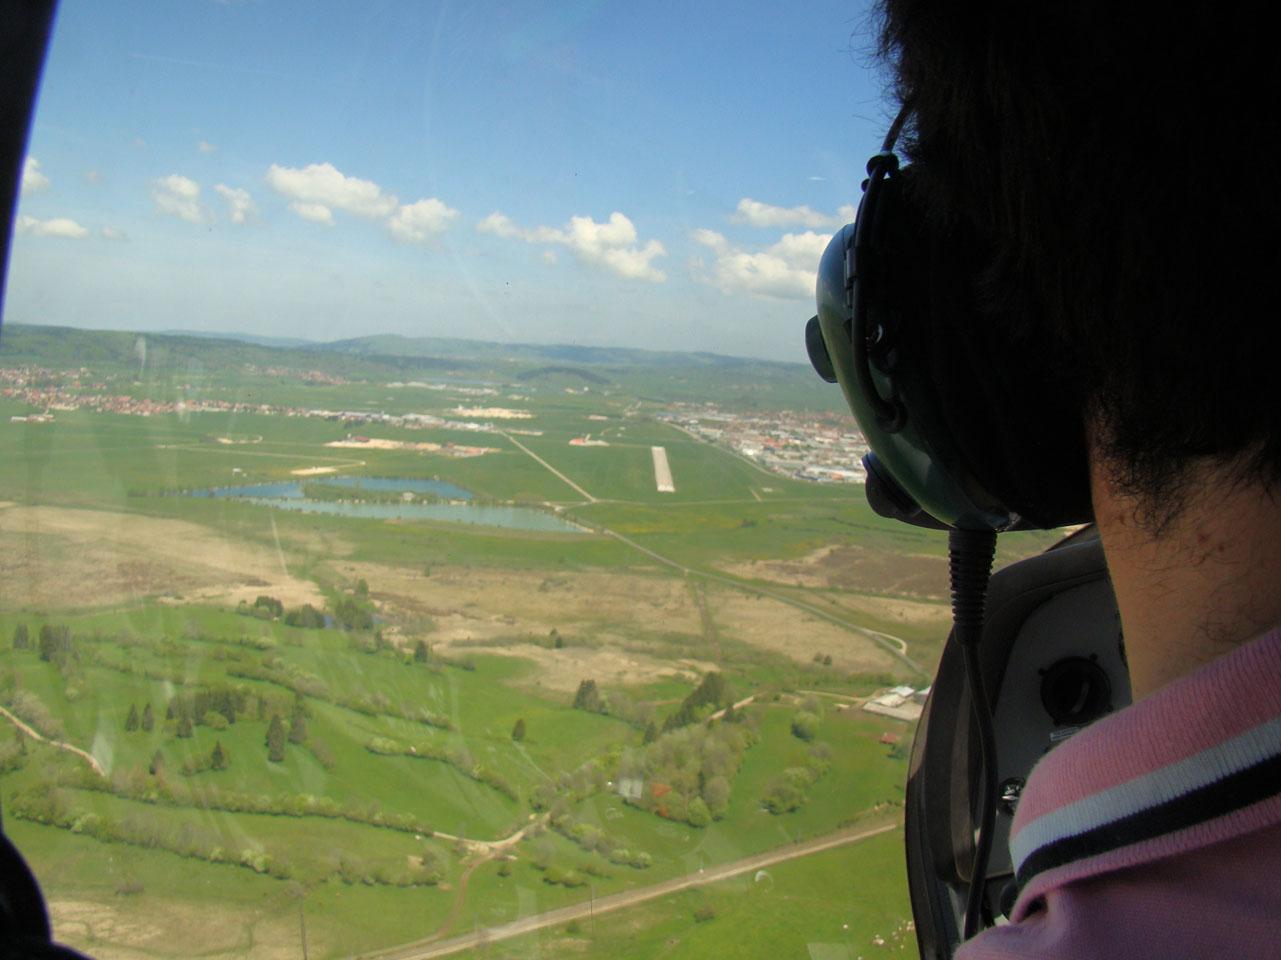 Début de finale, je suis à droite de la piste pour un atterrissage à Pontarlier LFSP en VSV